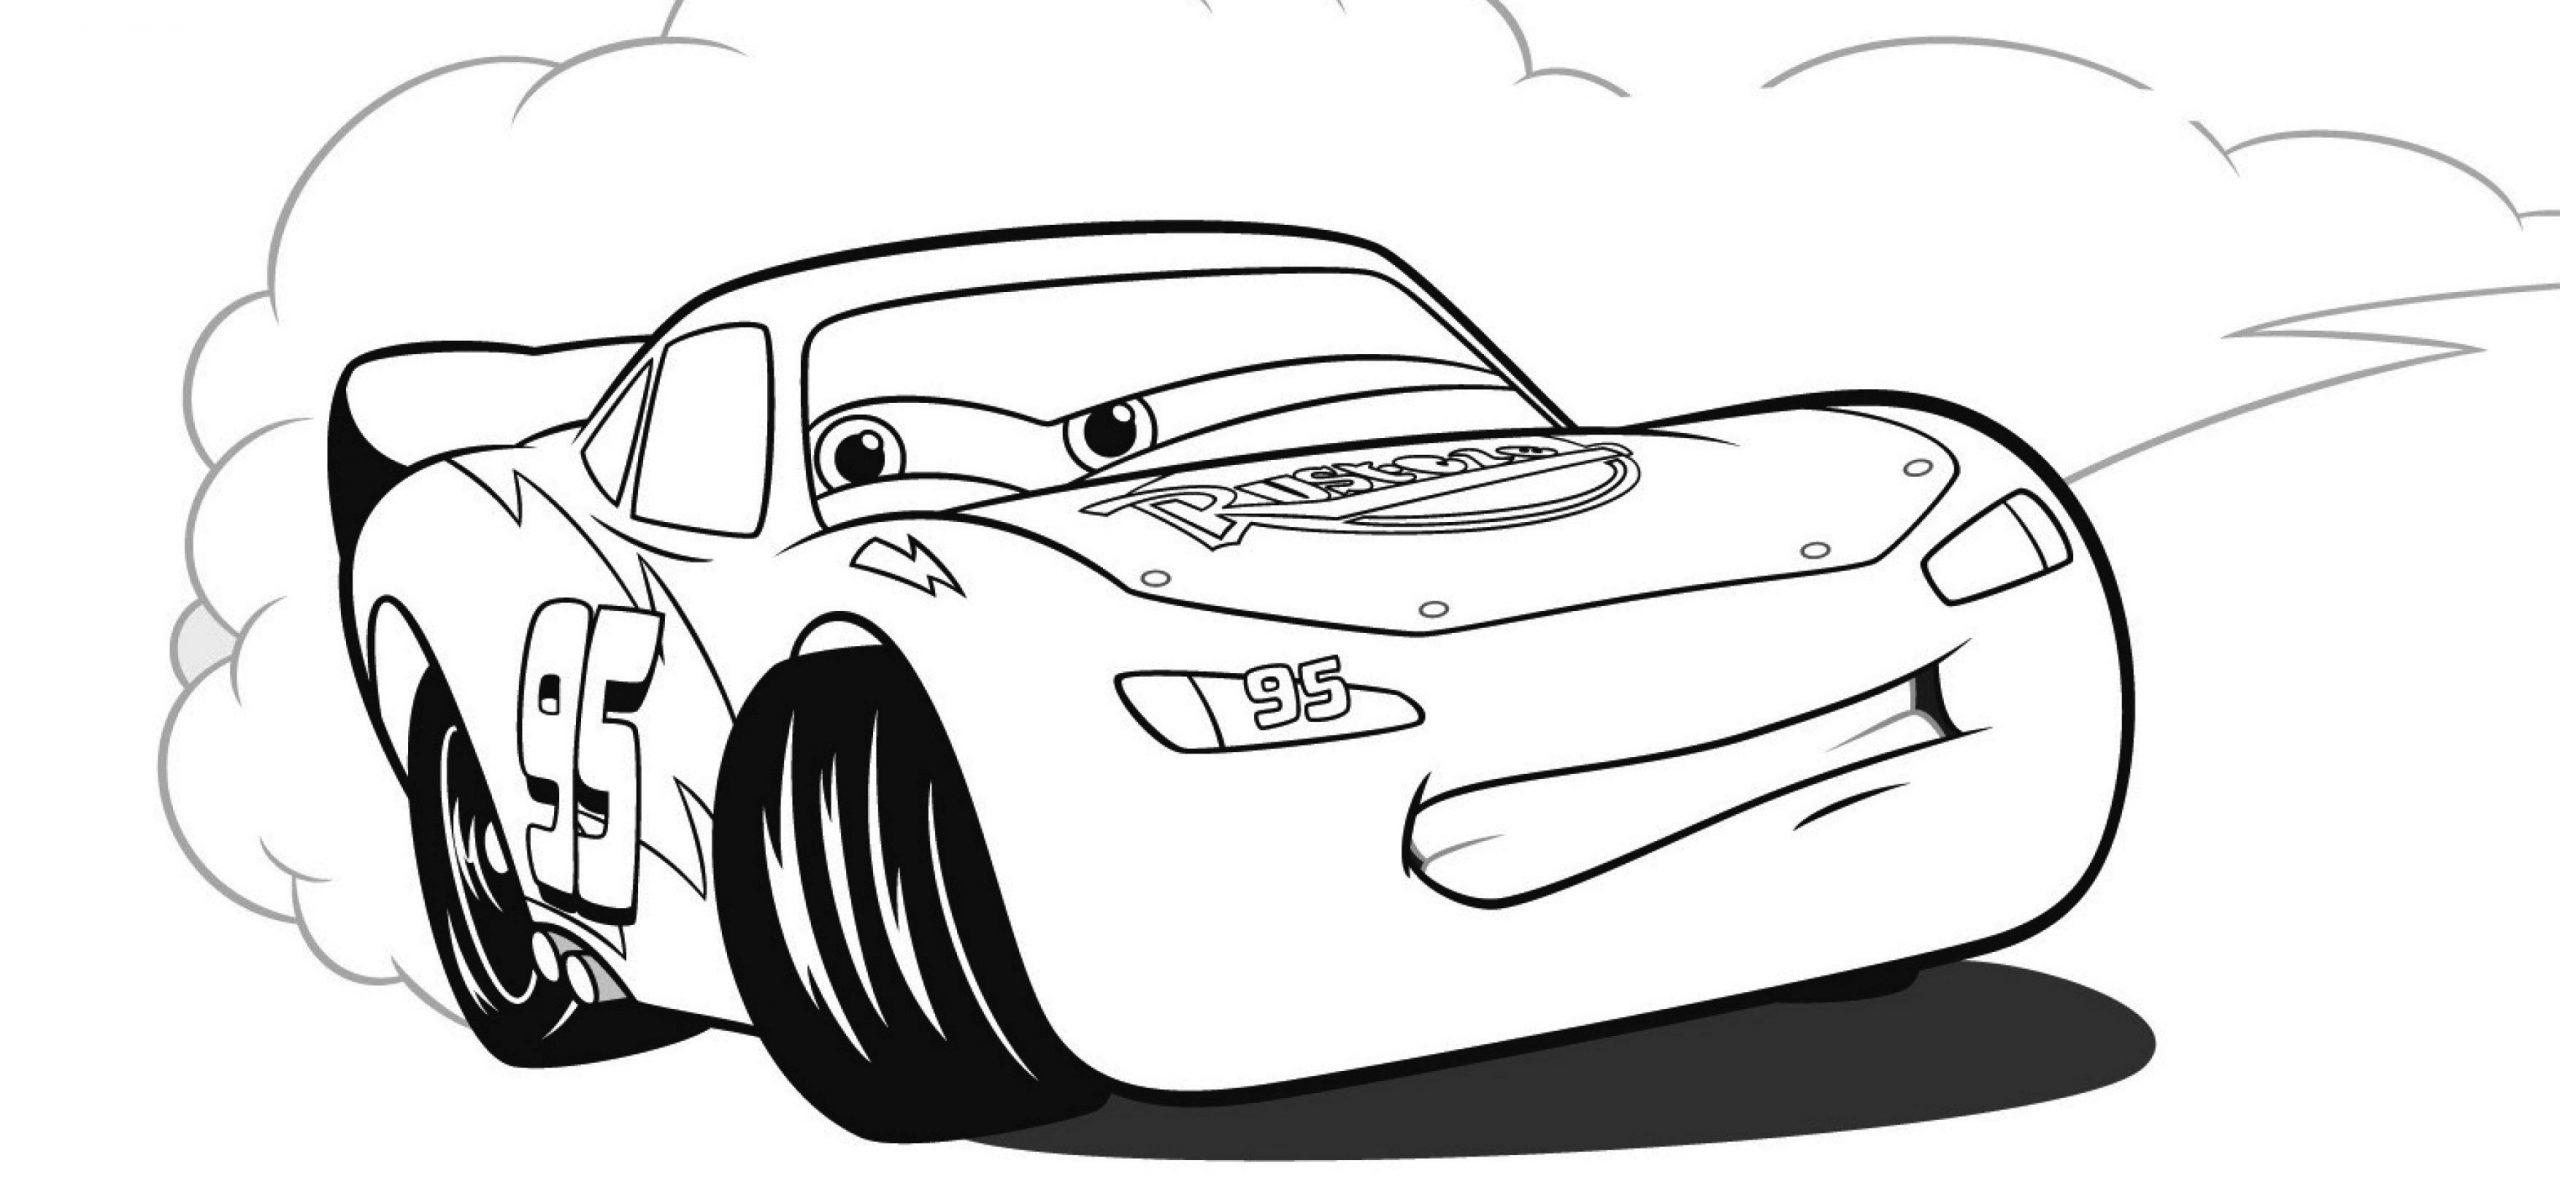 Ausmalbilder Autos Zum Ausdrucken - 1Ausmalbilder für Malvorlage Auto Einfach